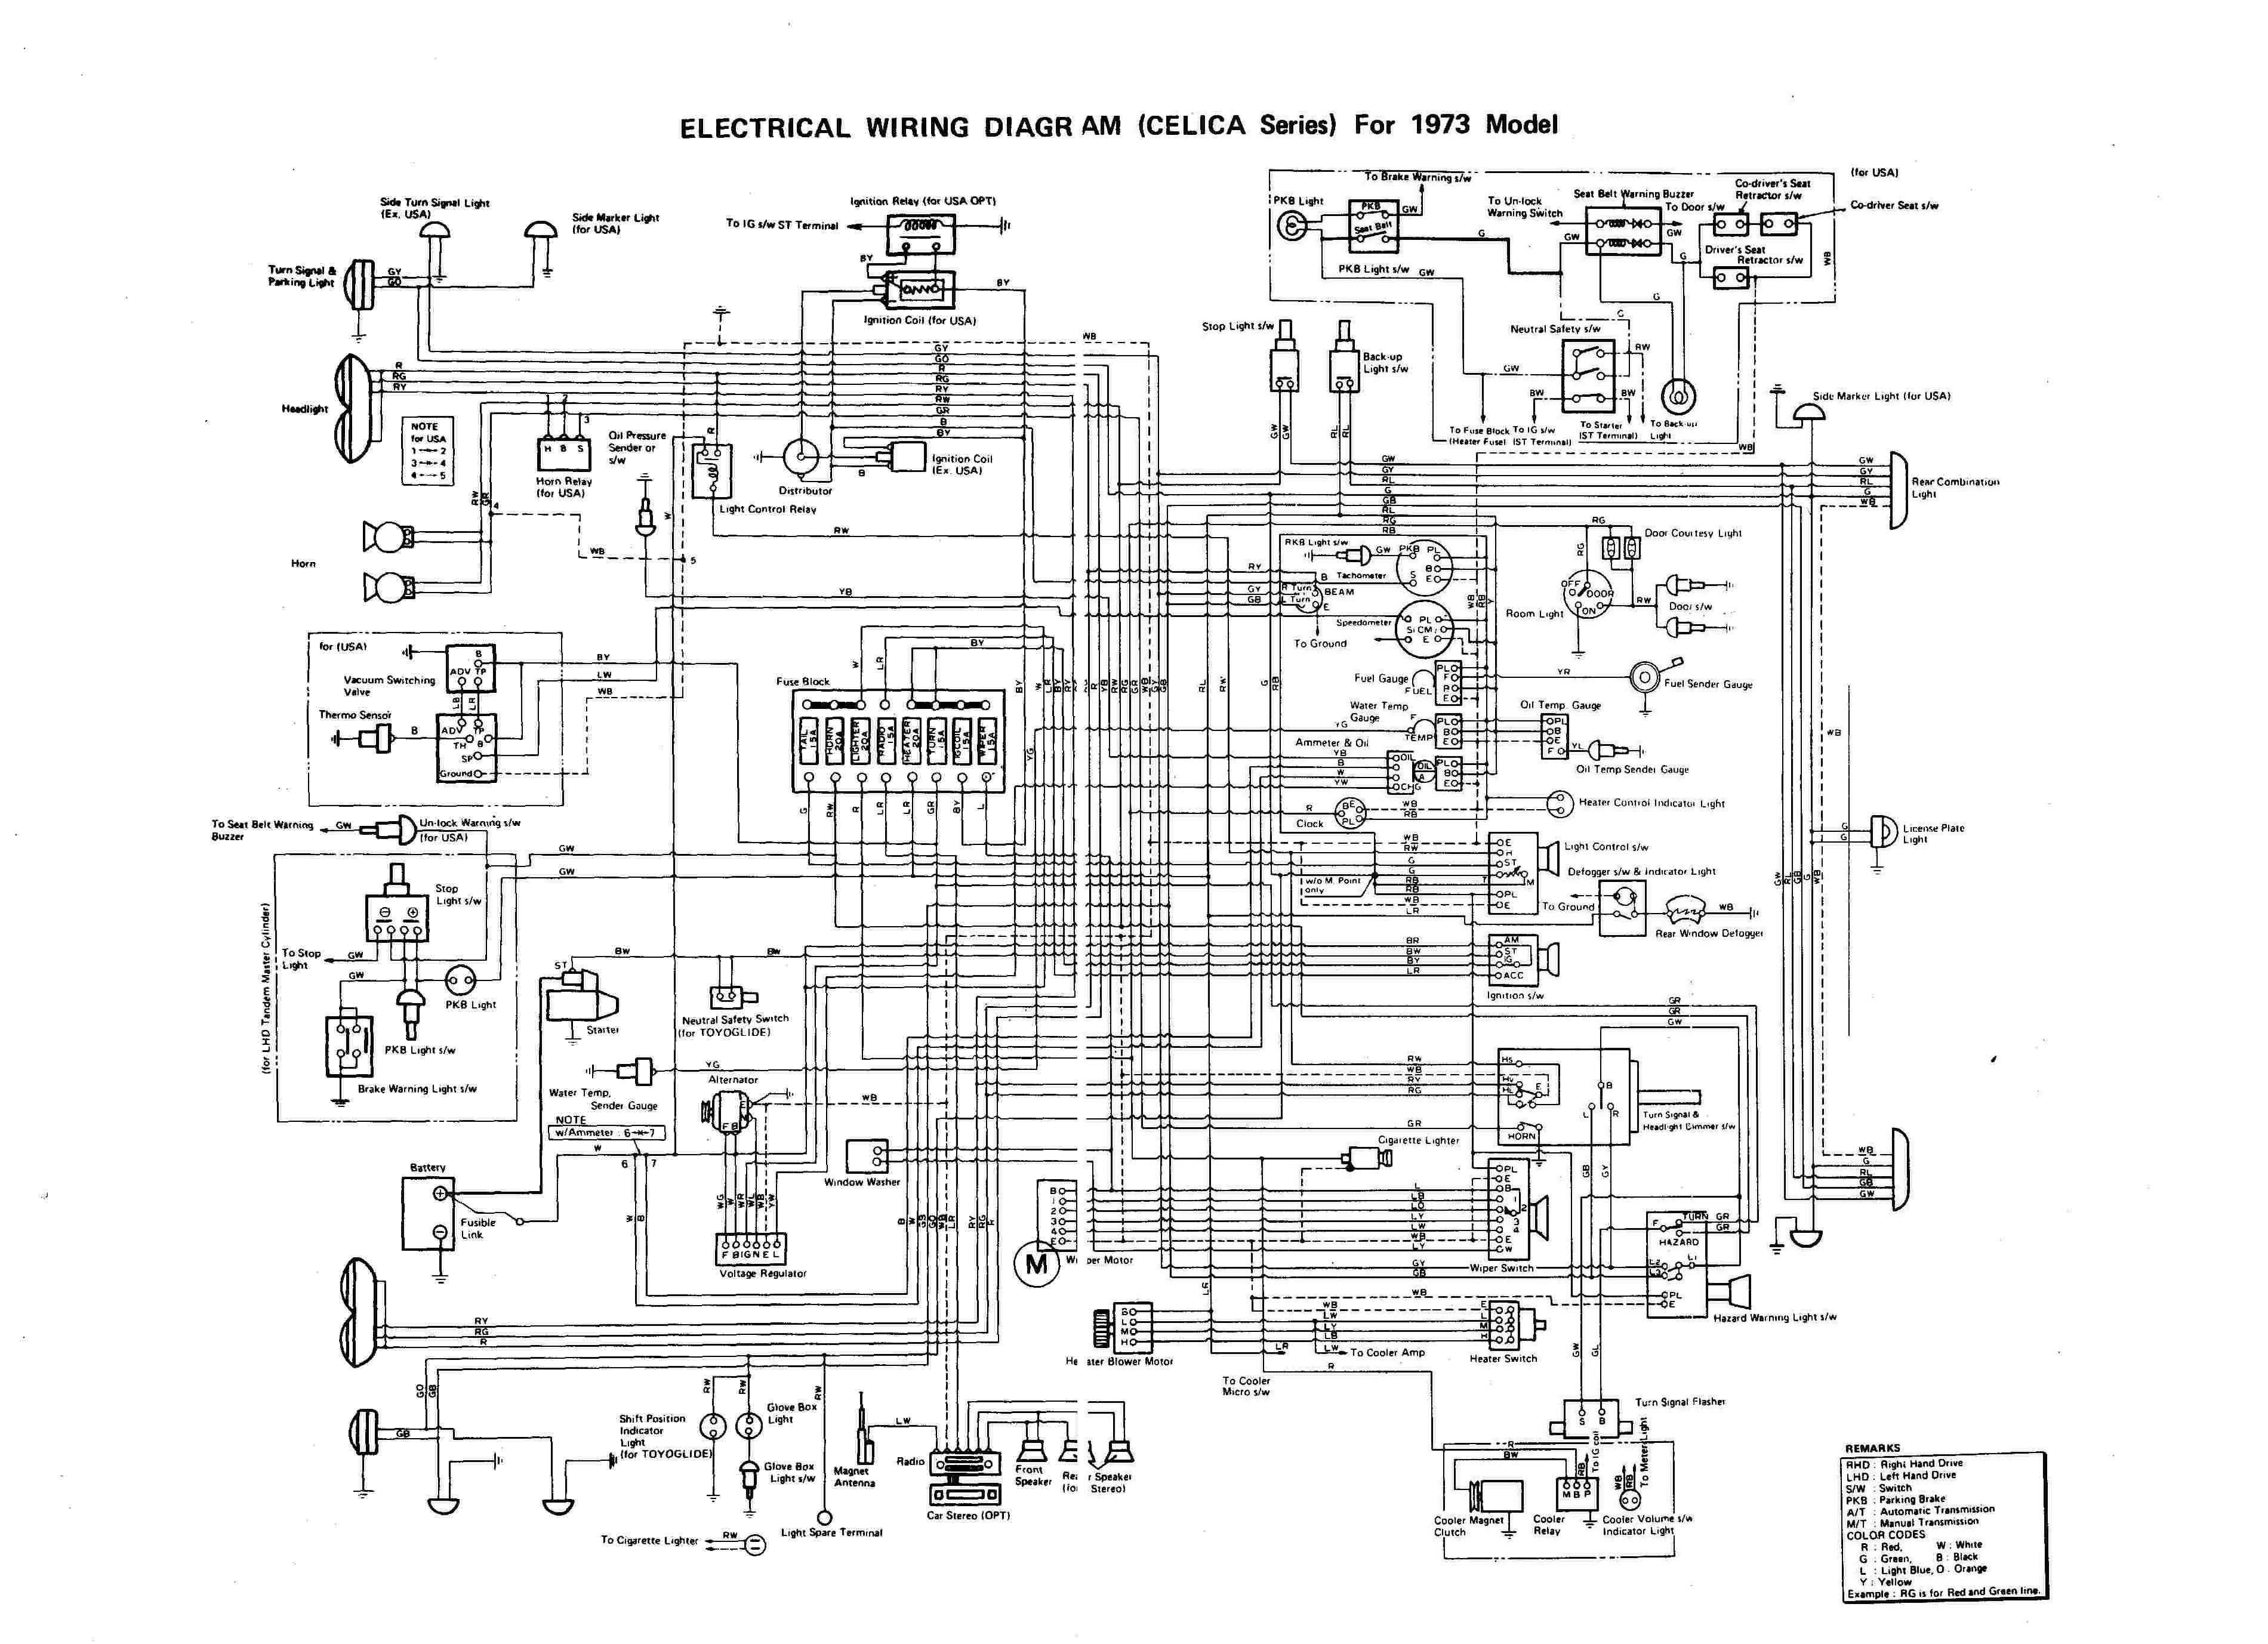 00 Celica Wiring Diagram Starting - 1985 Gmc Truck Wiring Diagram for Wiring  Diagram SchematicsWiring Diagram Schematics